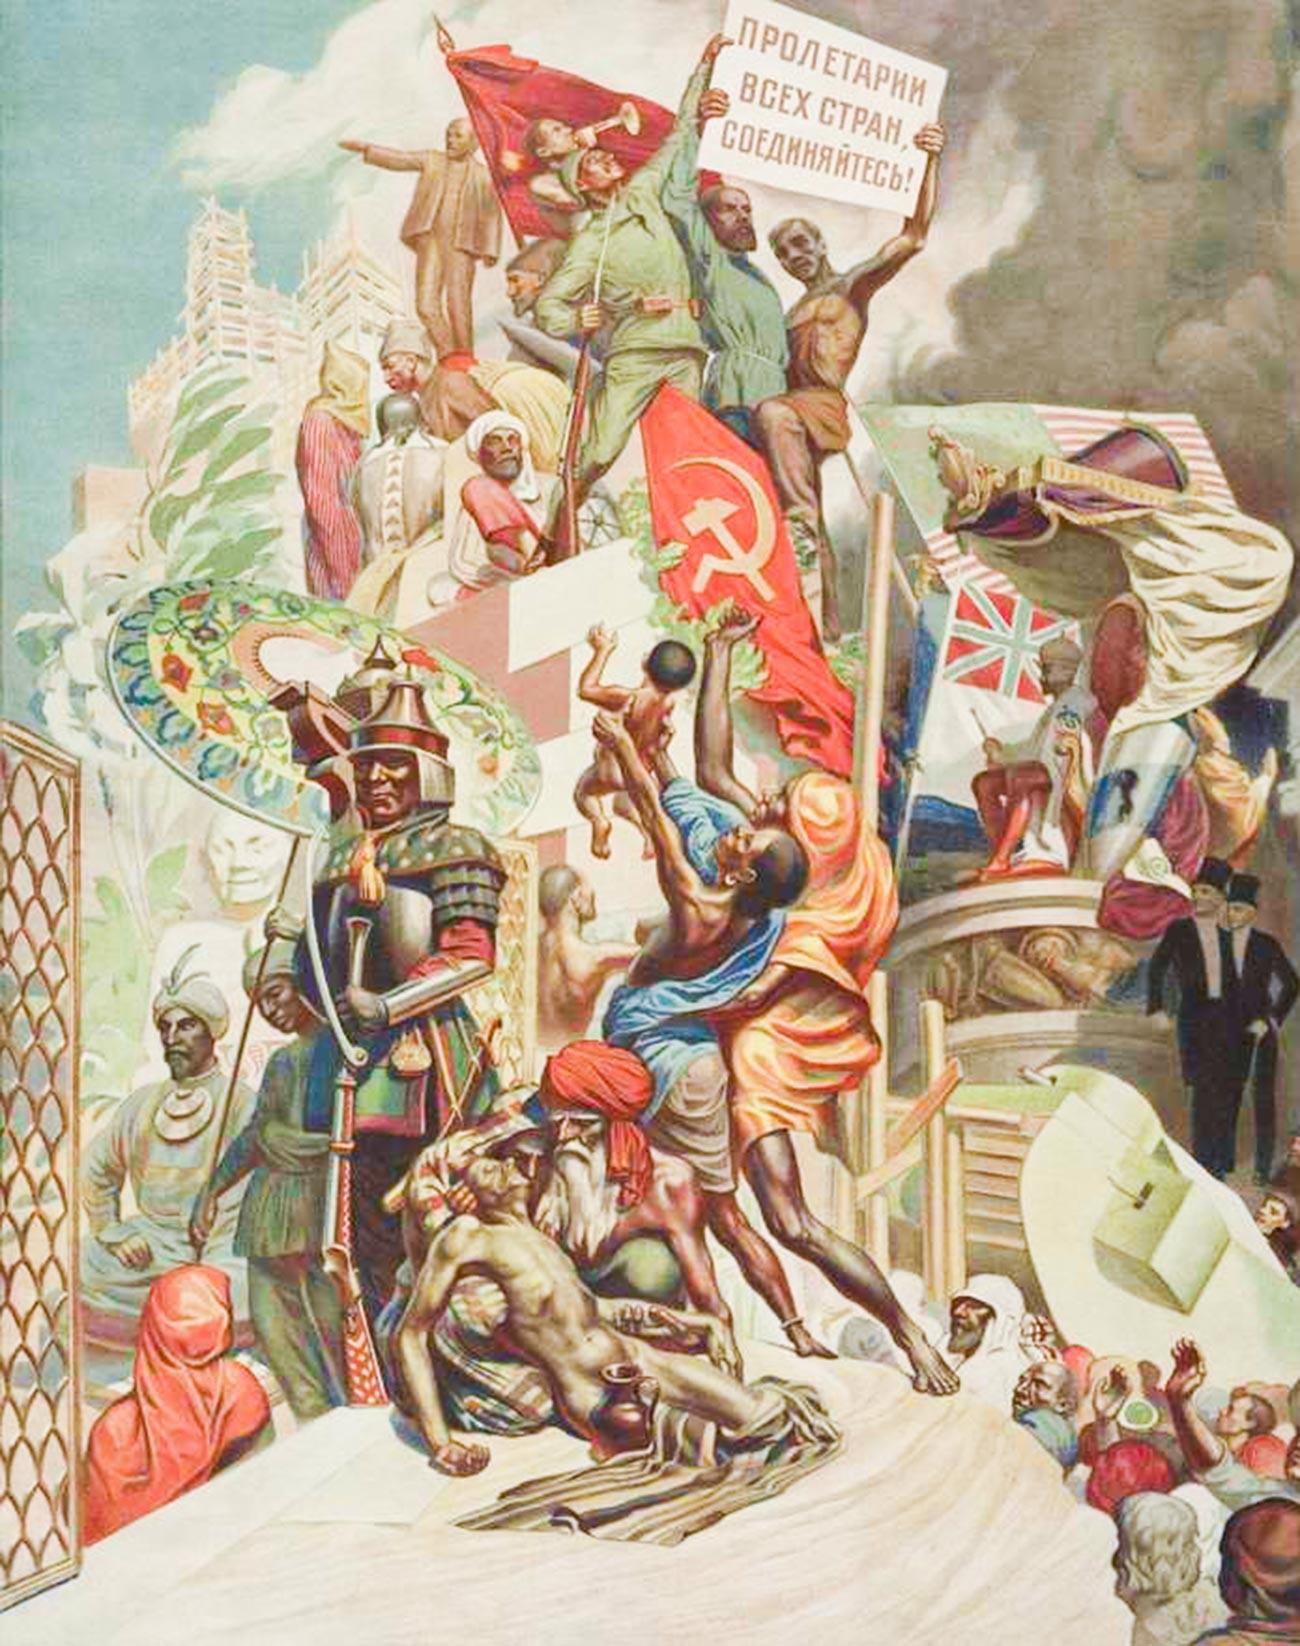 Proletar dunia, bersatulah!